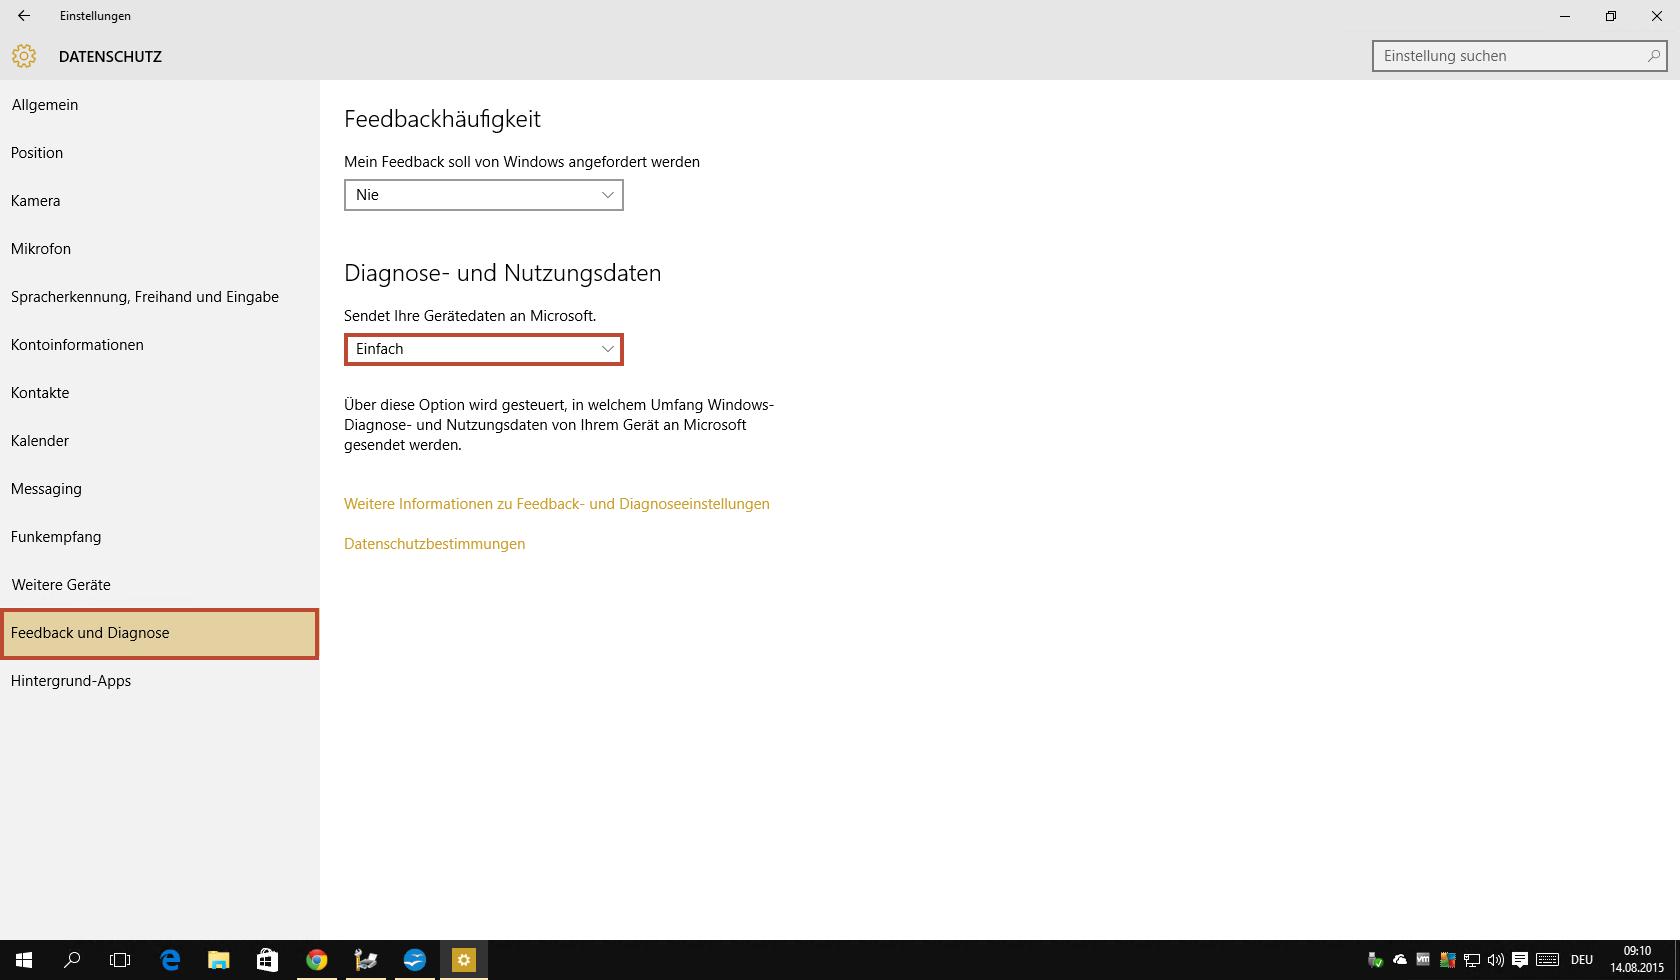 Windows 10 Datenschutzeinstellungen